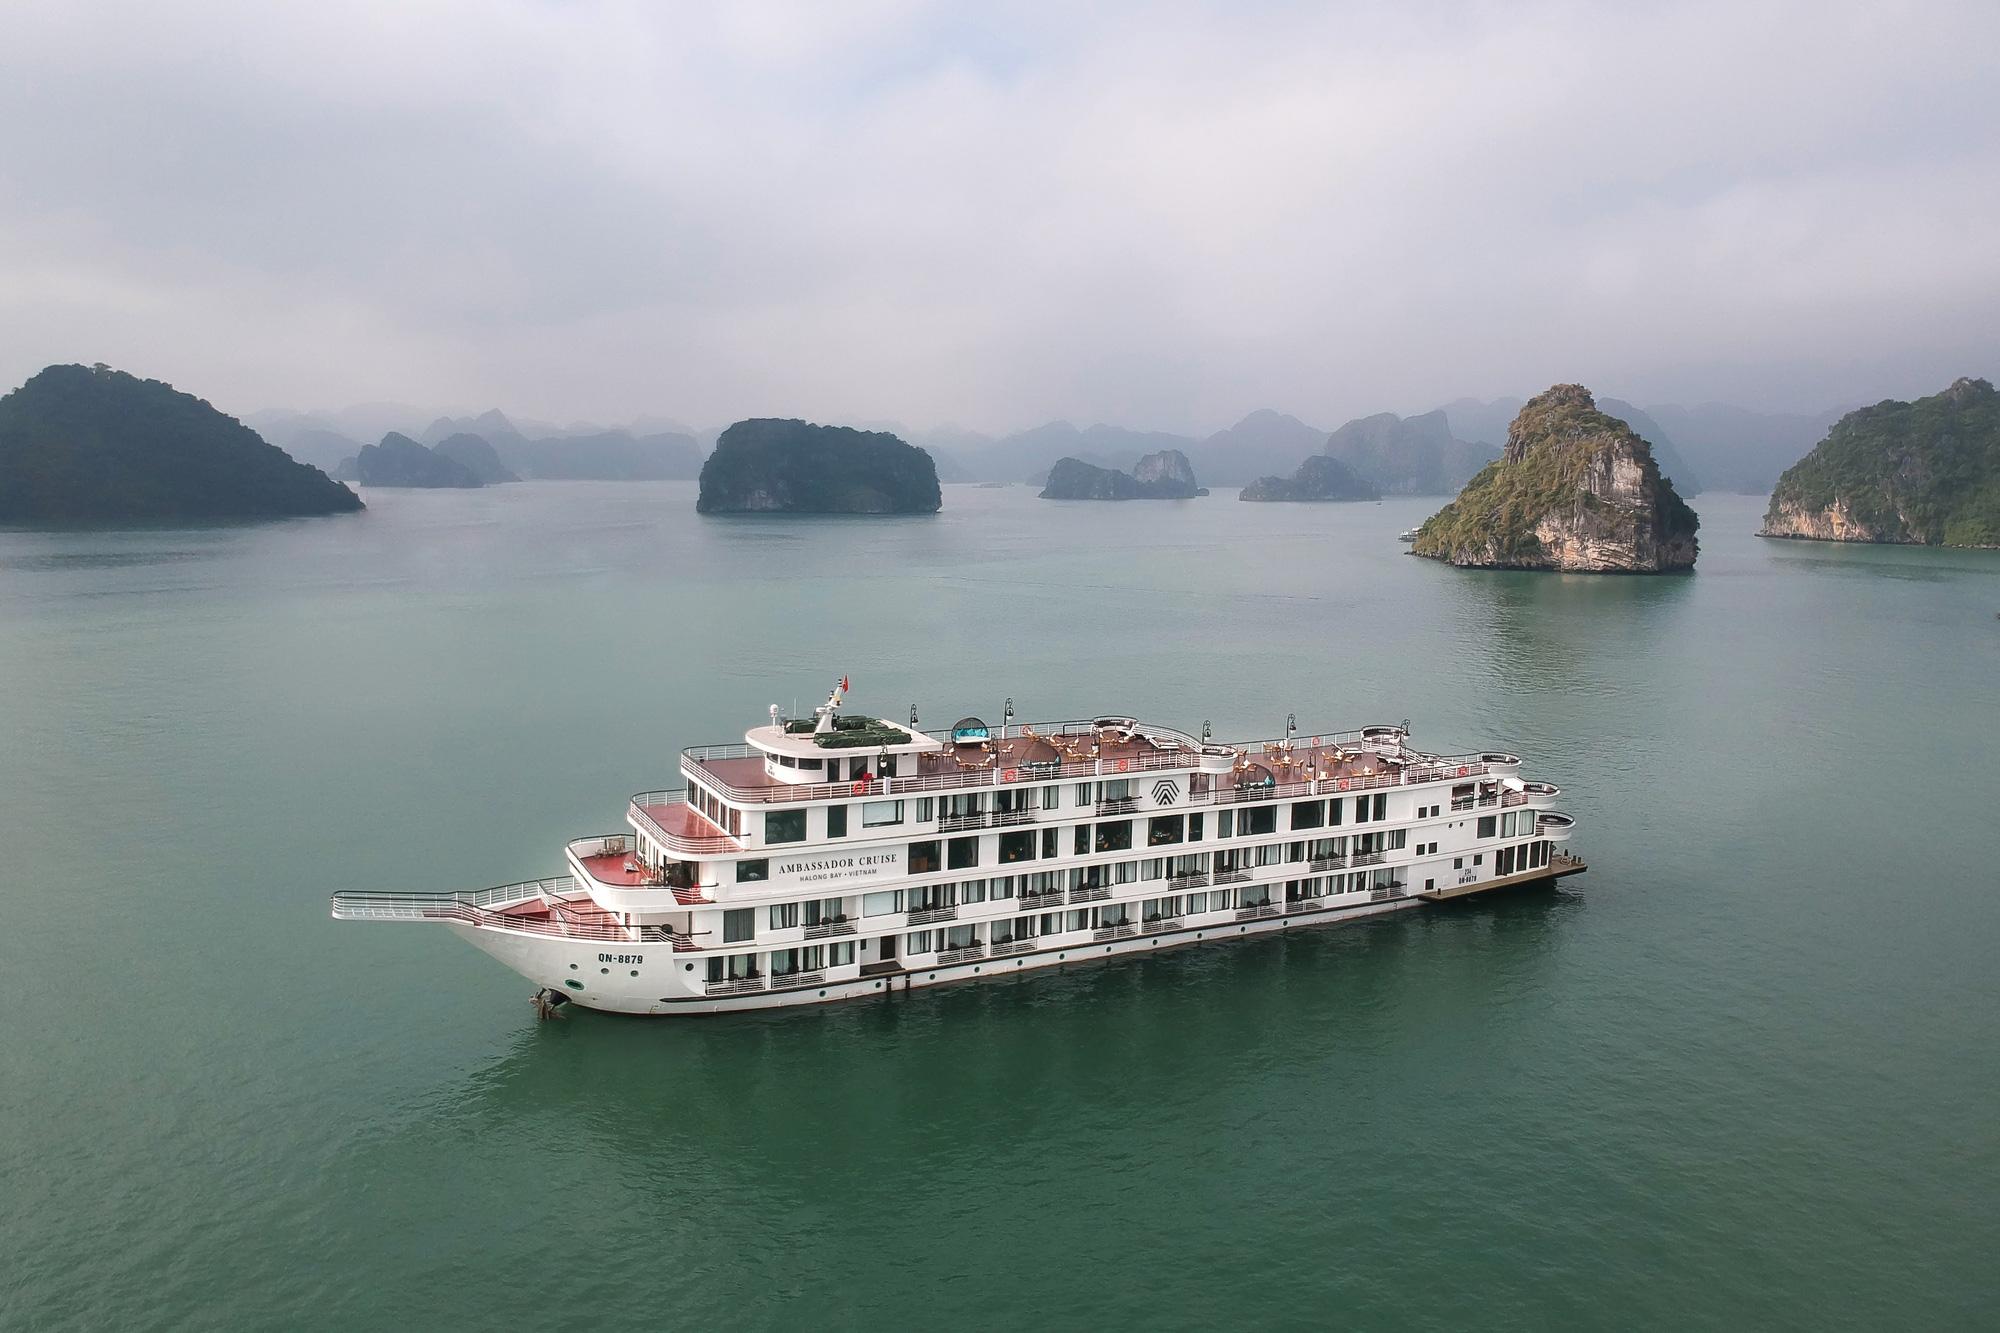 F1 phục vụ trên du thuyền, Quảng Ninh cách ly hơn 180 người - Ảnh 1.